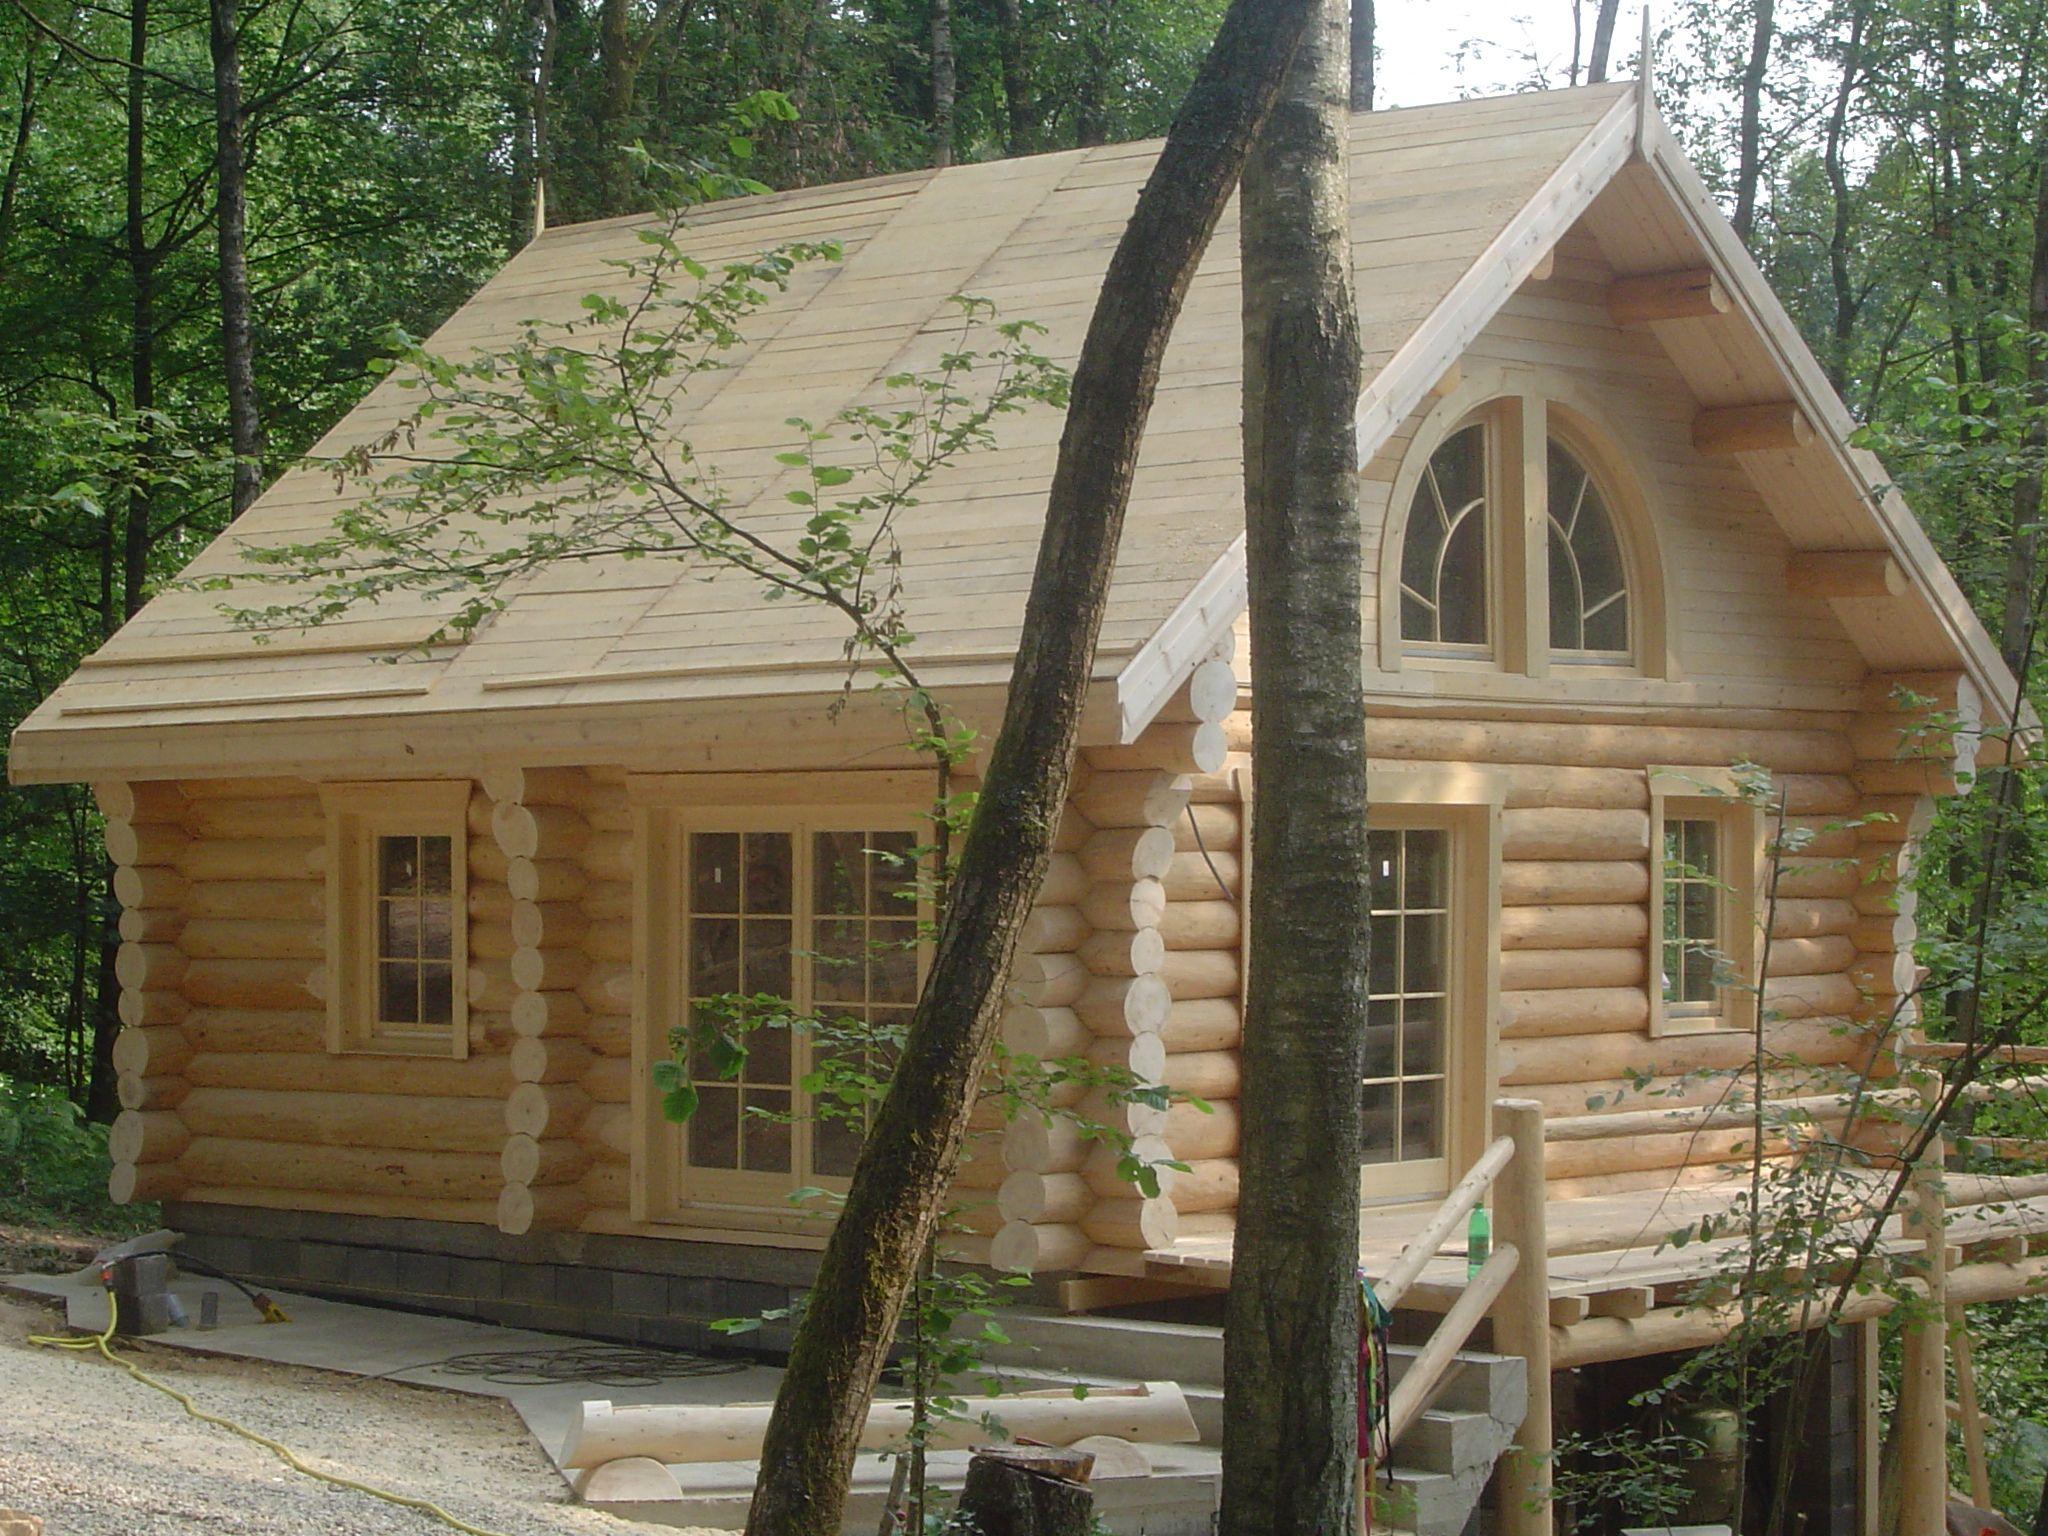 fuste maisons en rondins empil s maison en bois pinterest maison en rondins rondin et. Black Bedroom Furniture Sets. Home Design Ideas